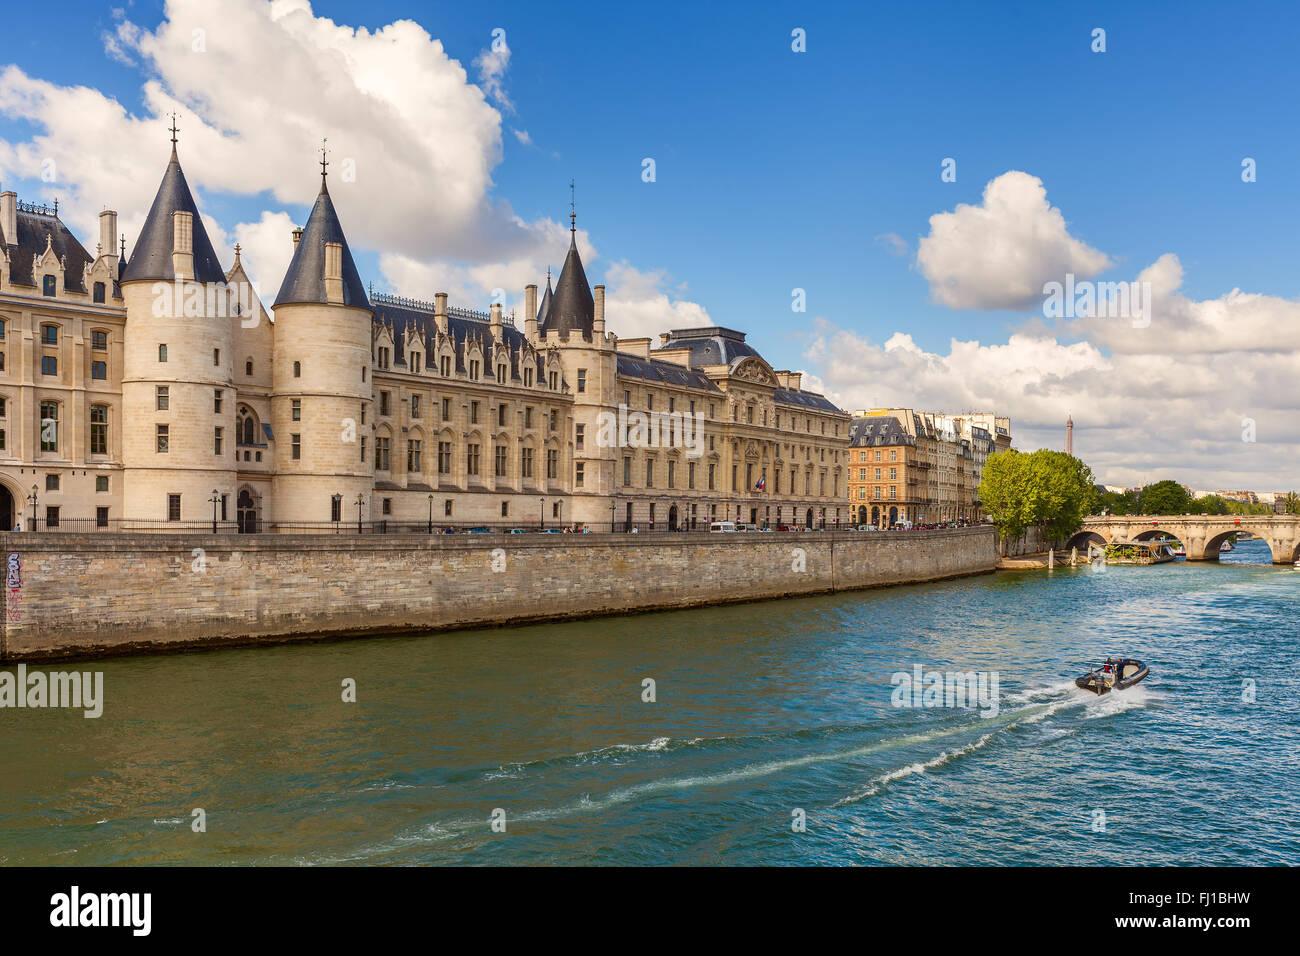 Vista di Conciergerie - ex carcere e parte dell'ex palazzo reale sulla riva del fiume Senna a Parigi, Francia. Immagini Stock